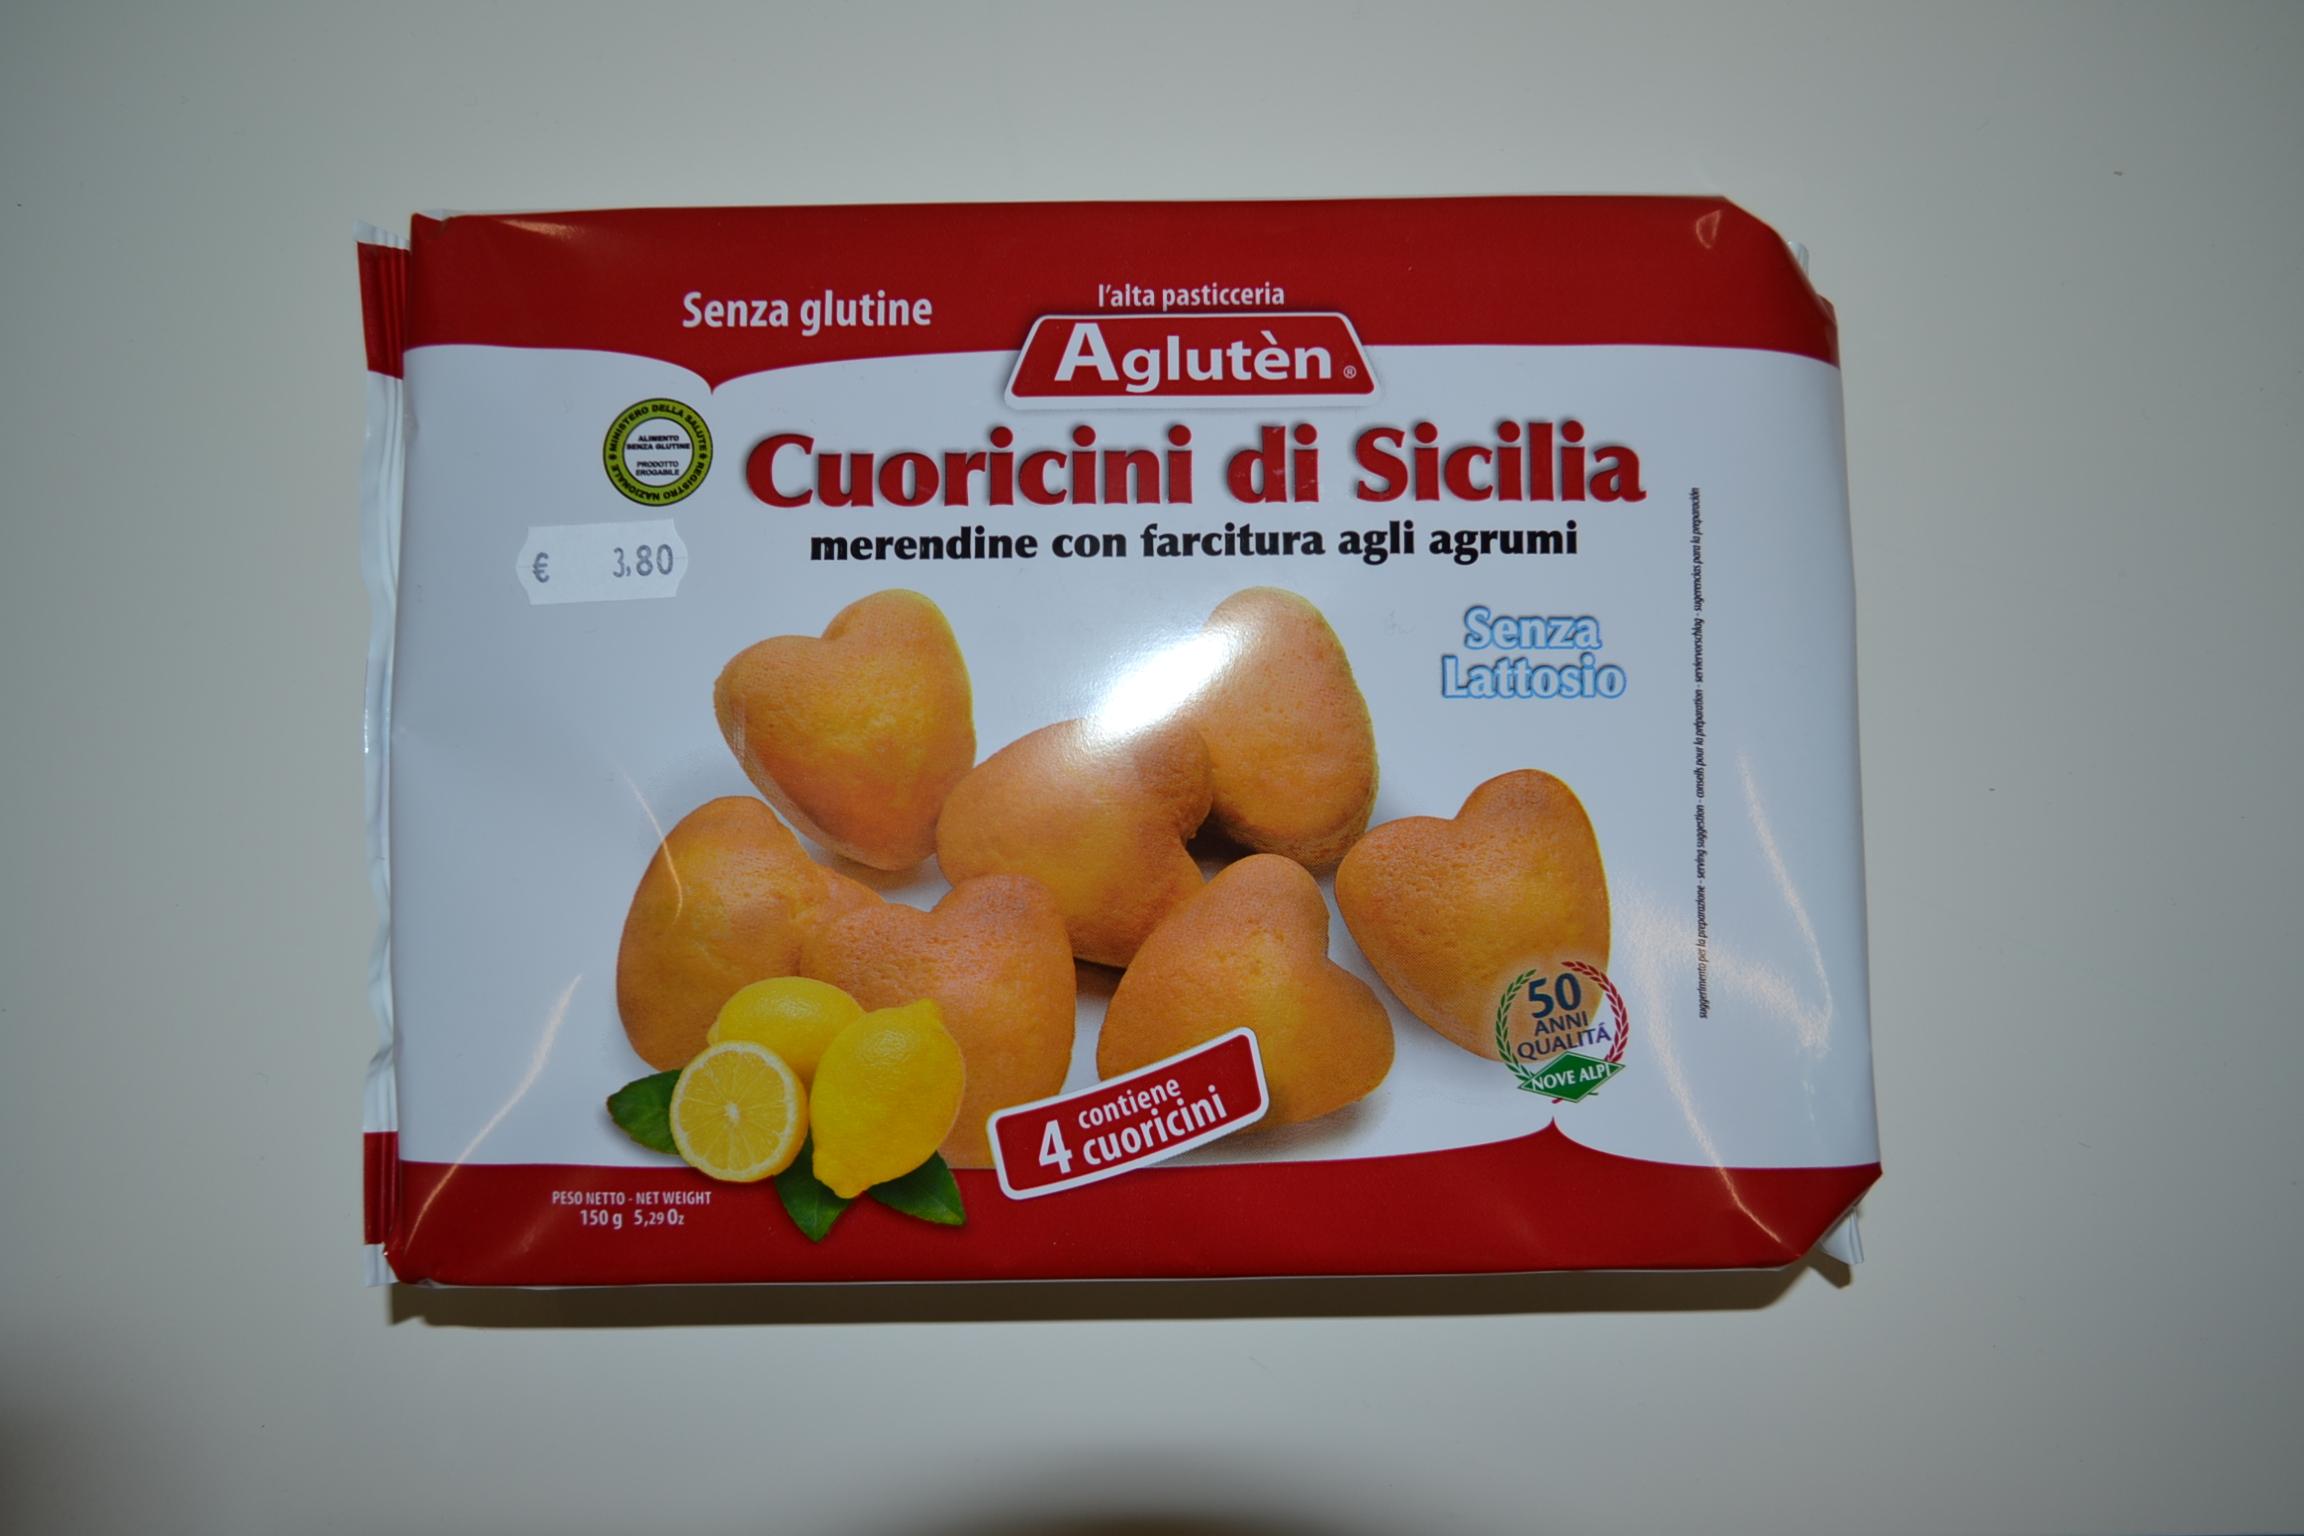 Cuoricini di Sicilia agli agrumi AGLUTEN